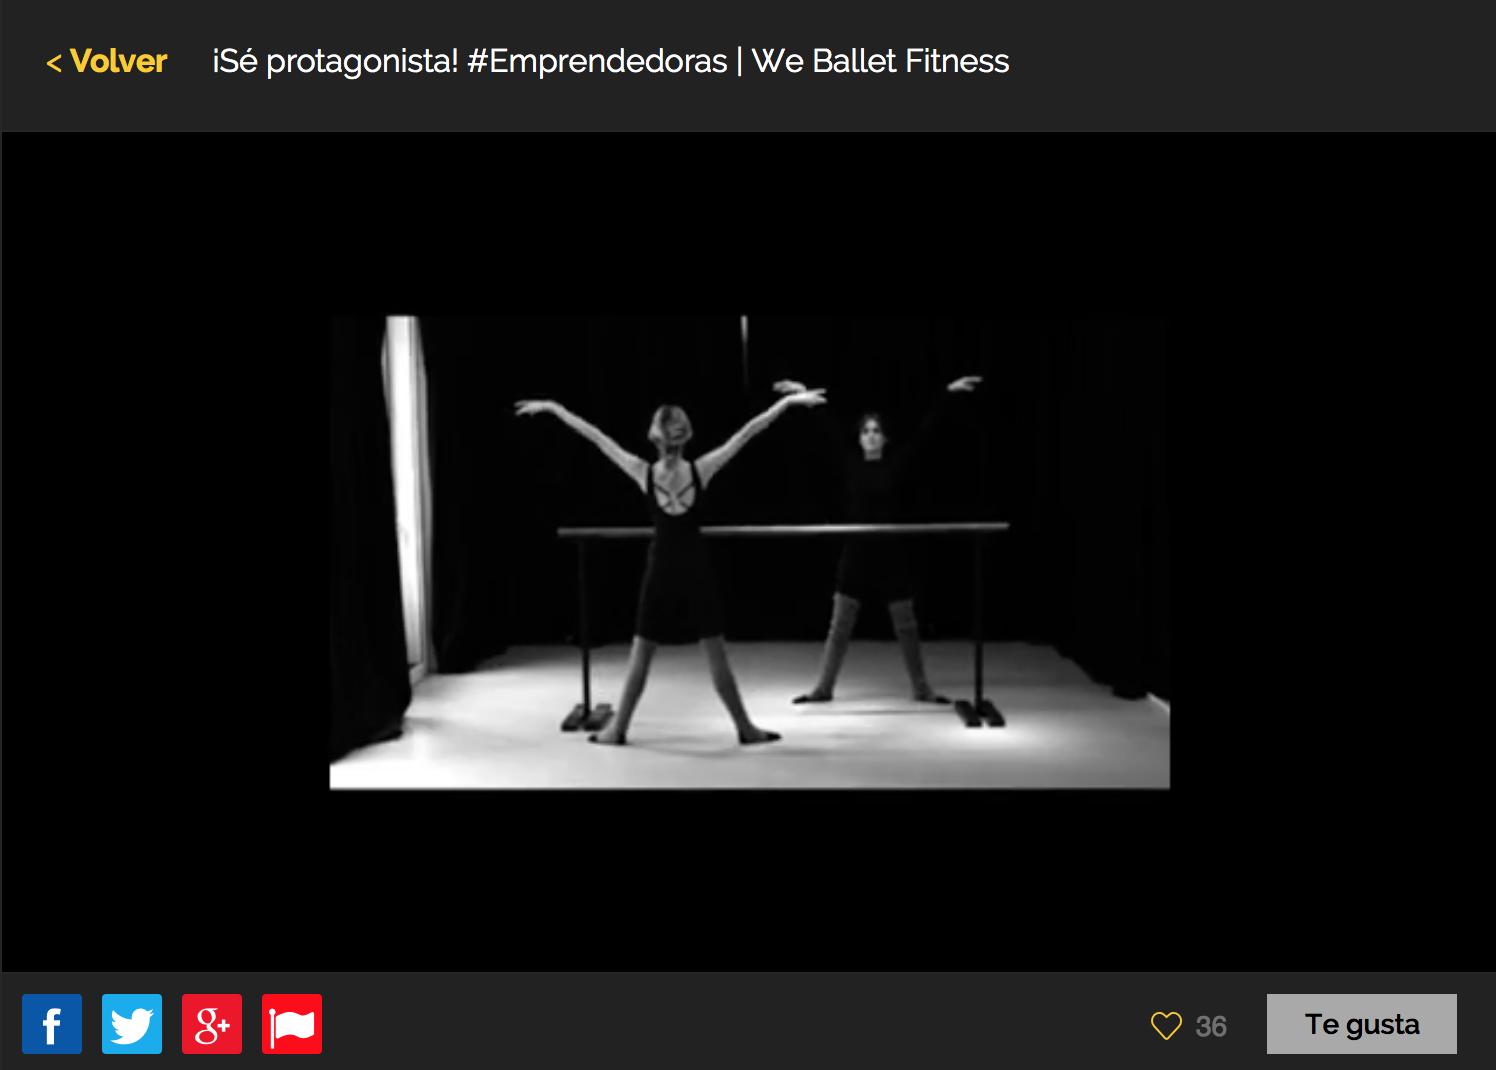 We Ballet Fitness & La vida continúa, finalistas en el Concurso de Mujeres #Emprendedoras